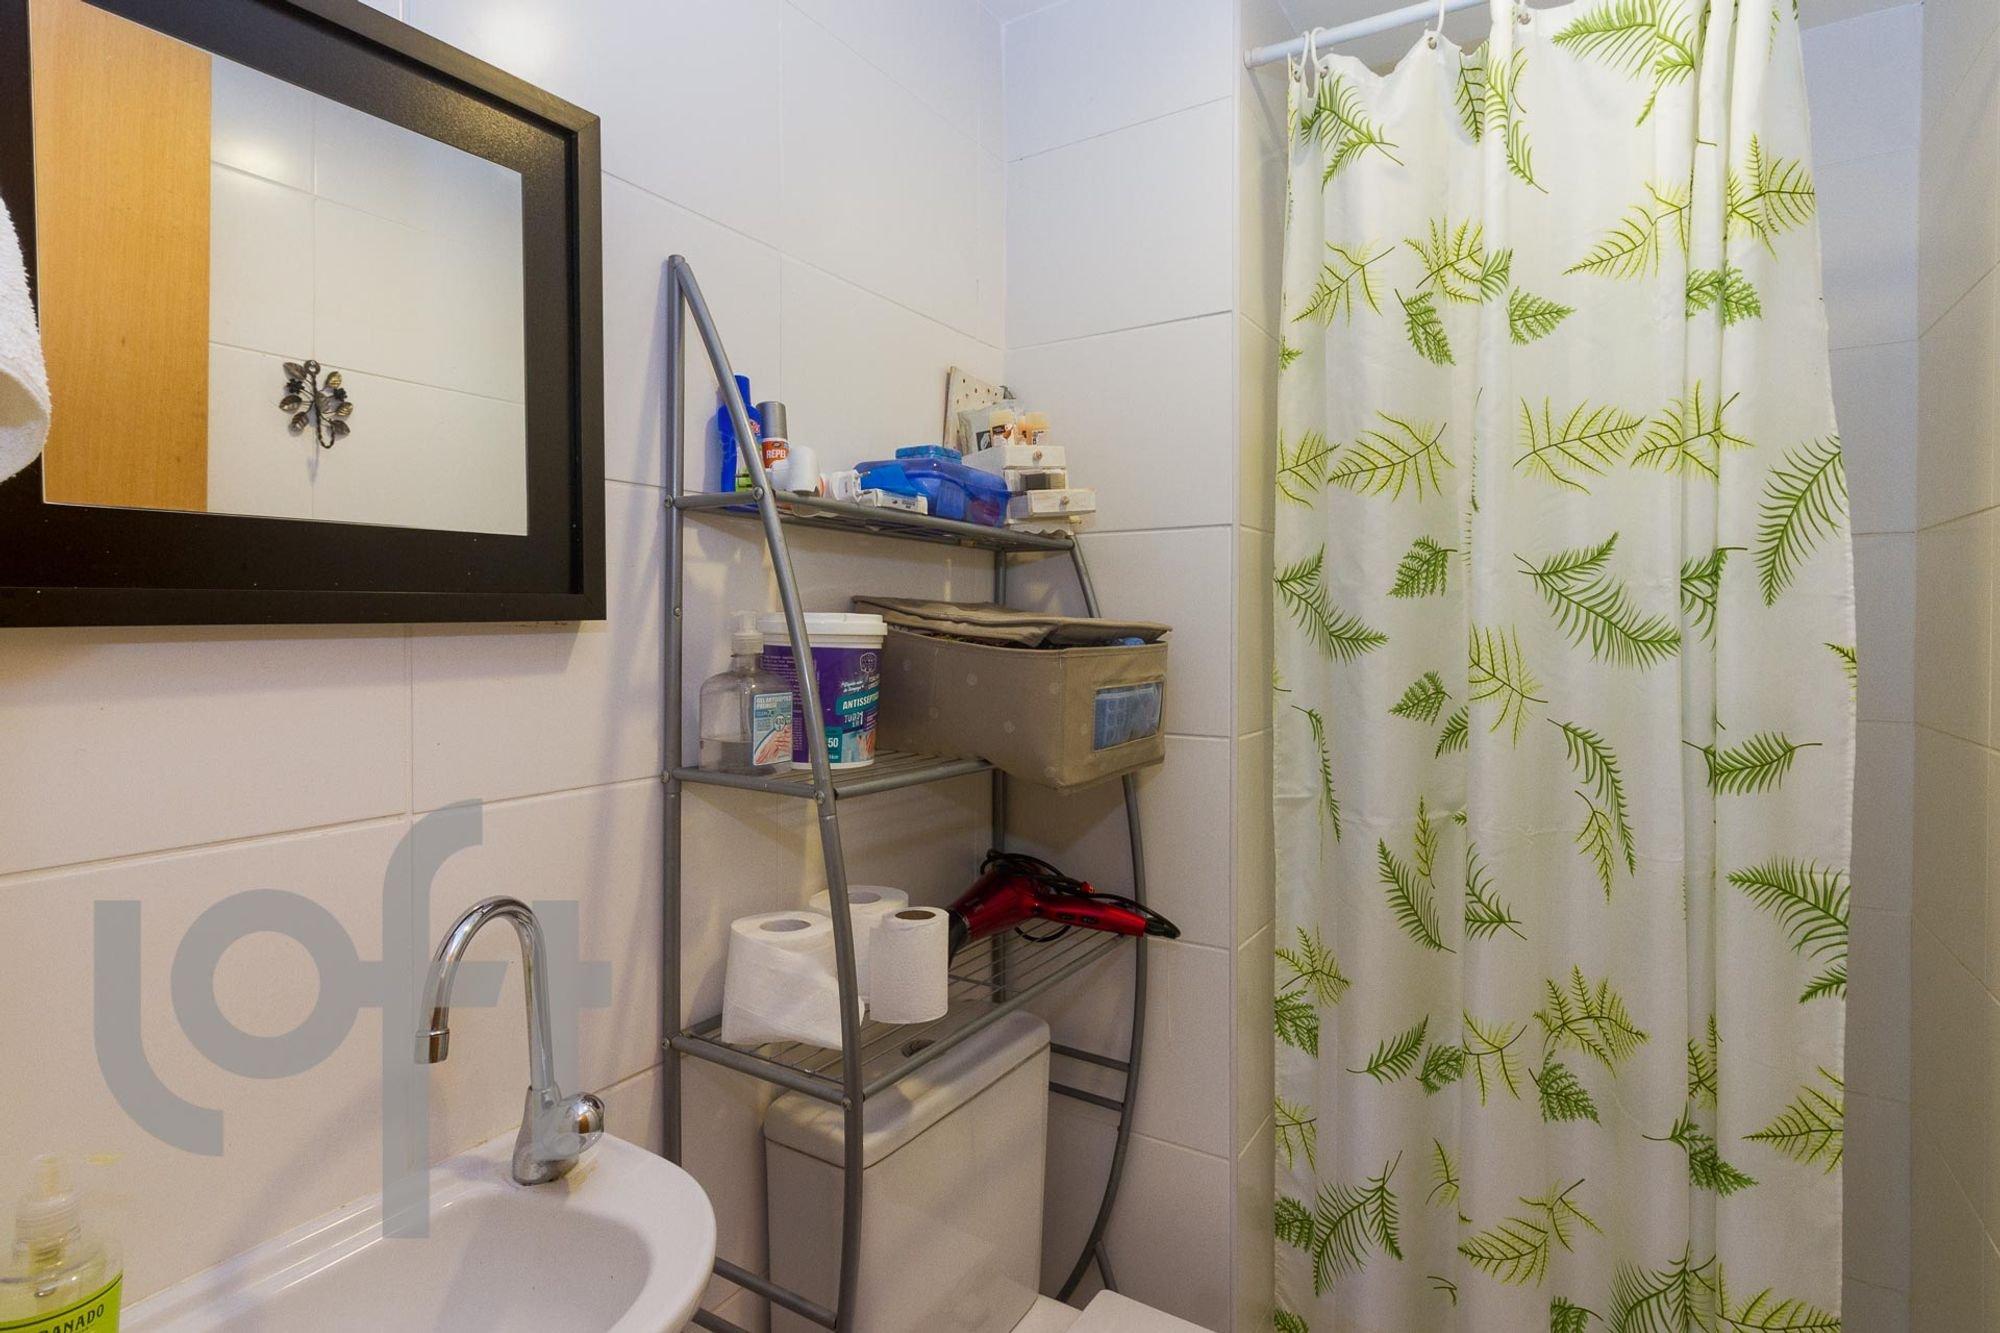 Foto de Banheiro com televisão, garrafa